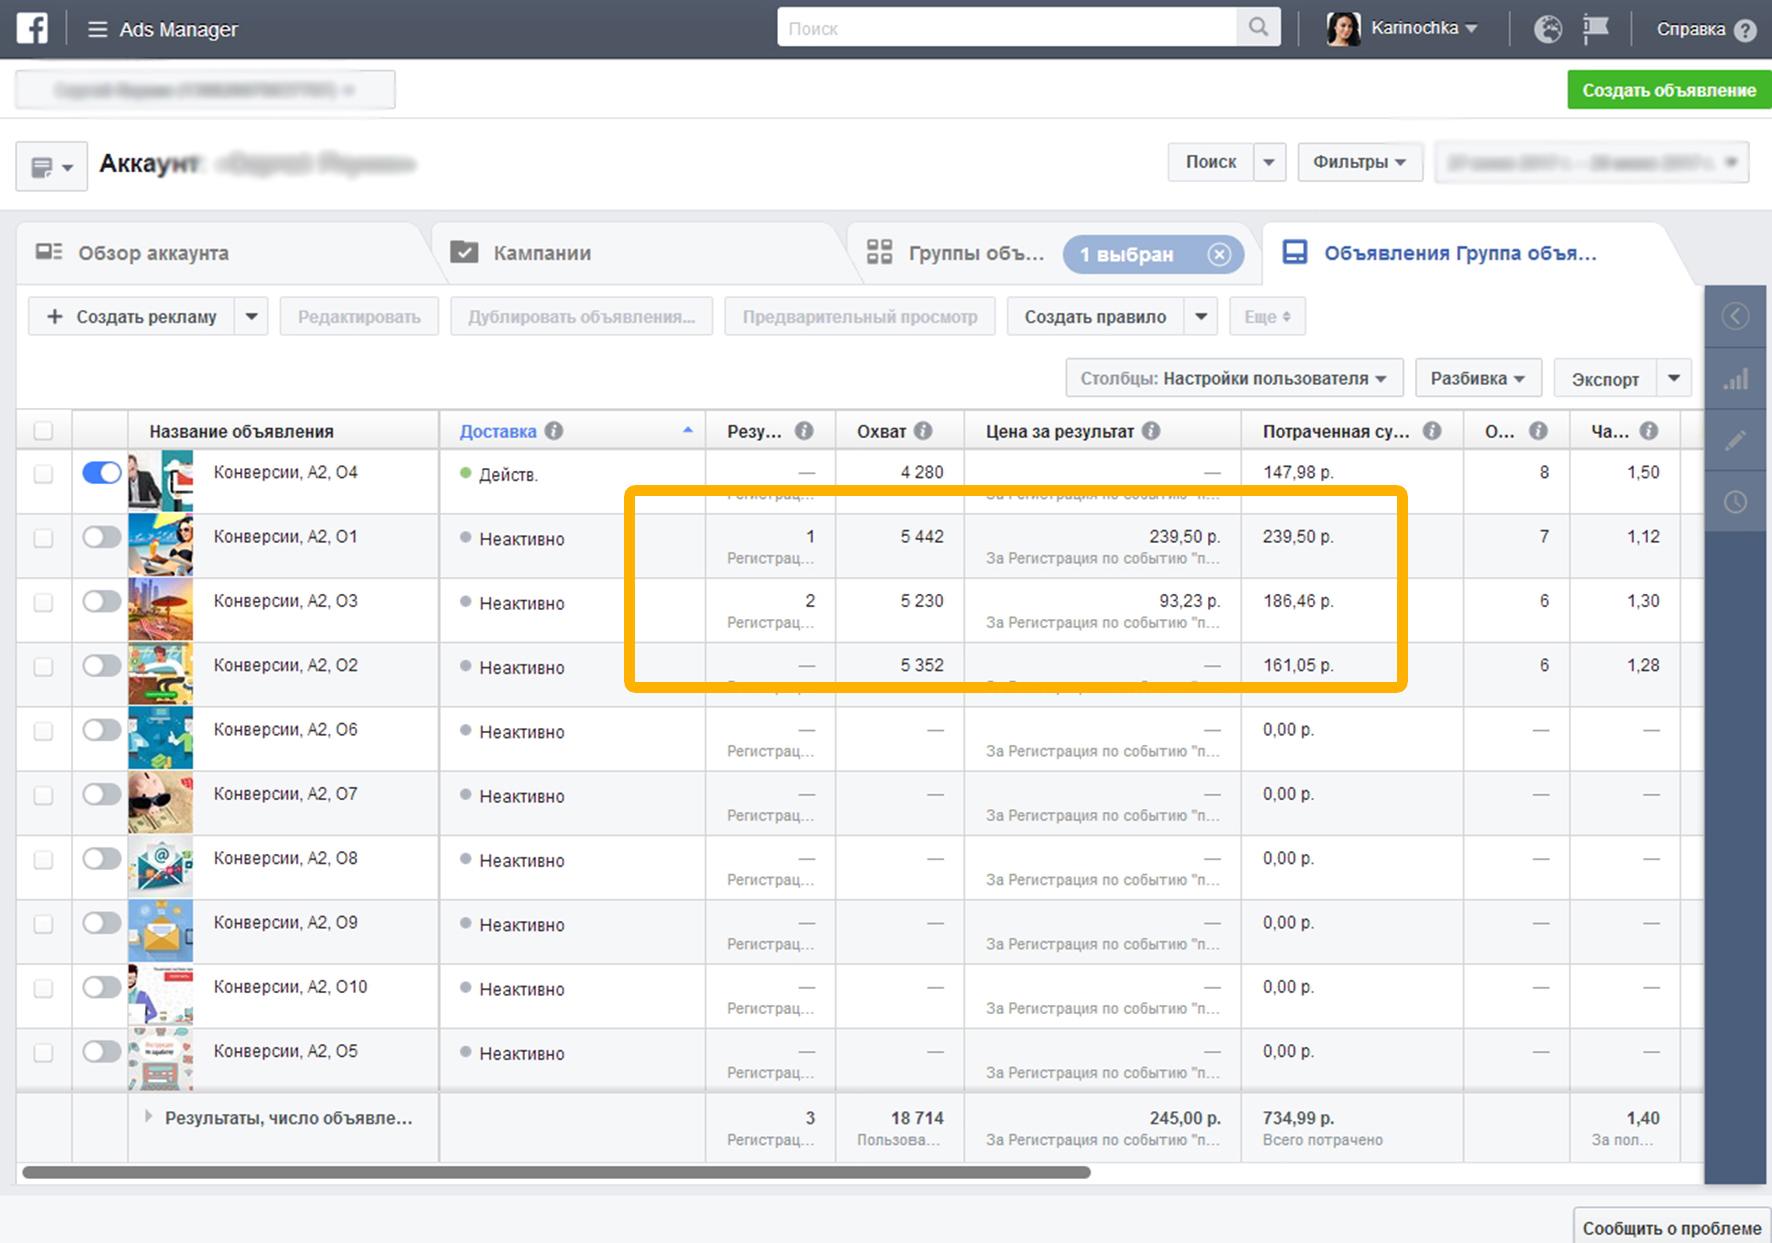 Статистика из менеджера рекламы Фейсбук, где видны предварительные результаты